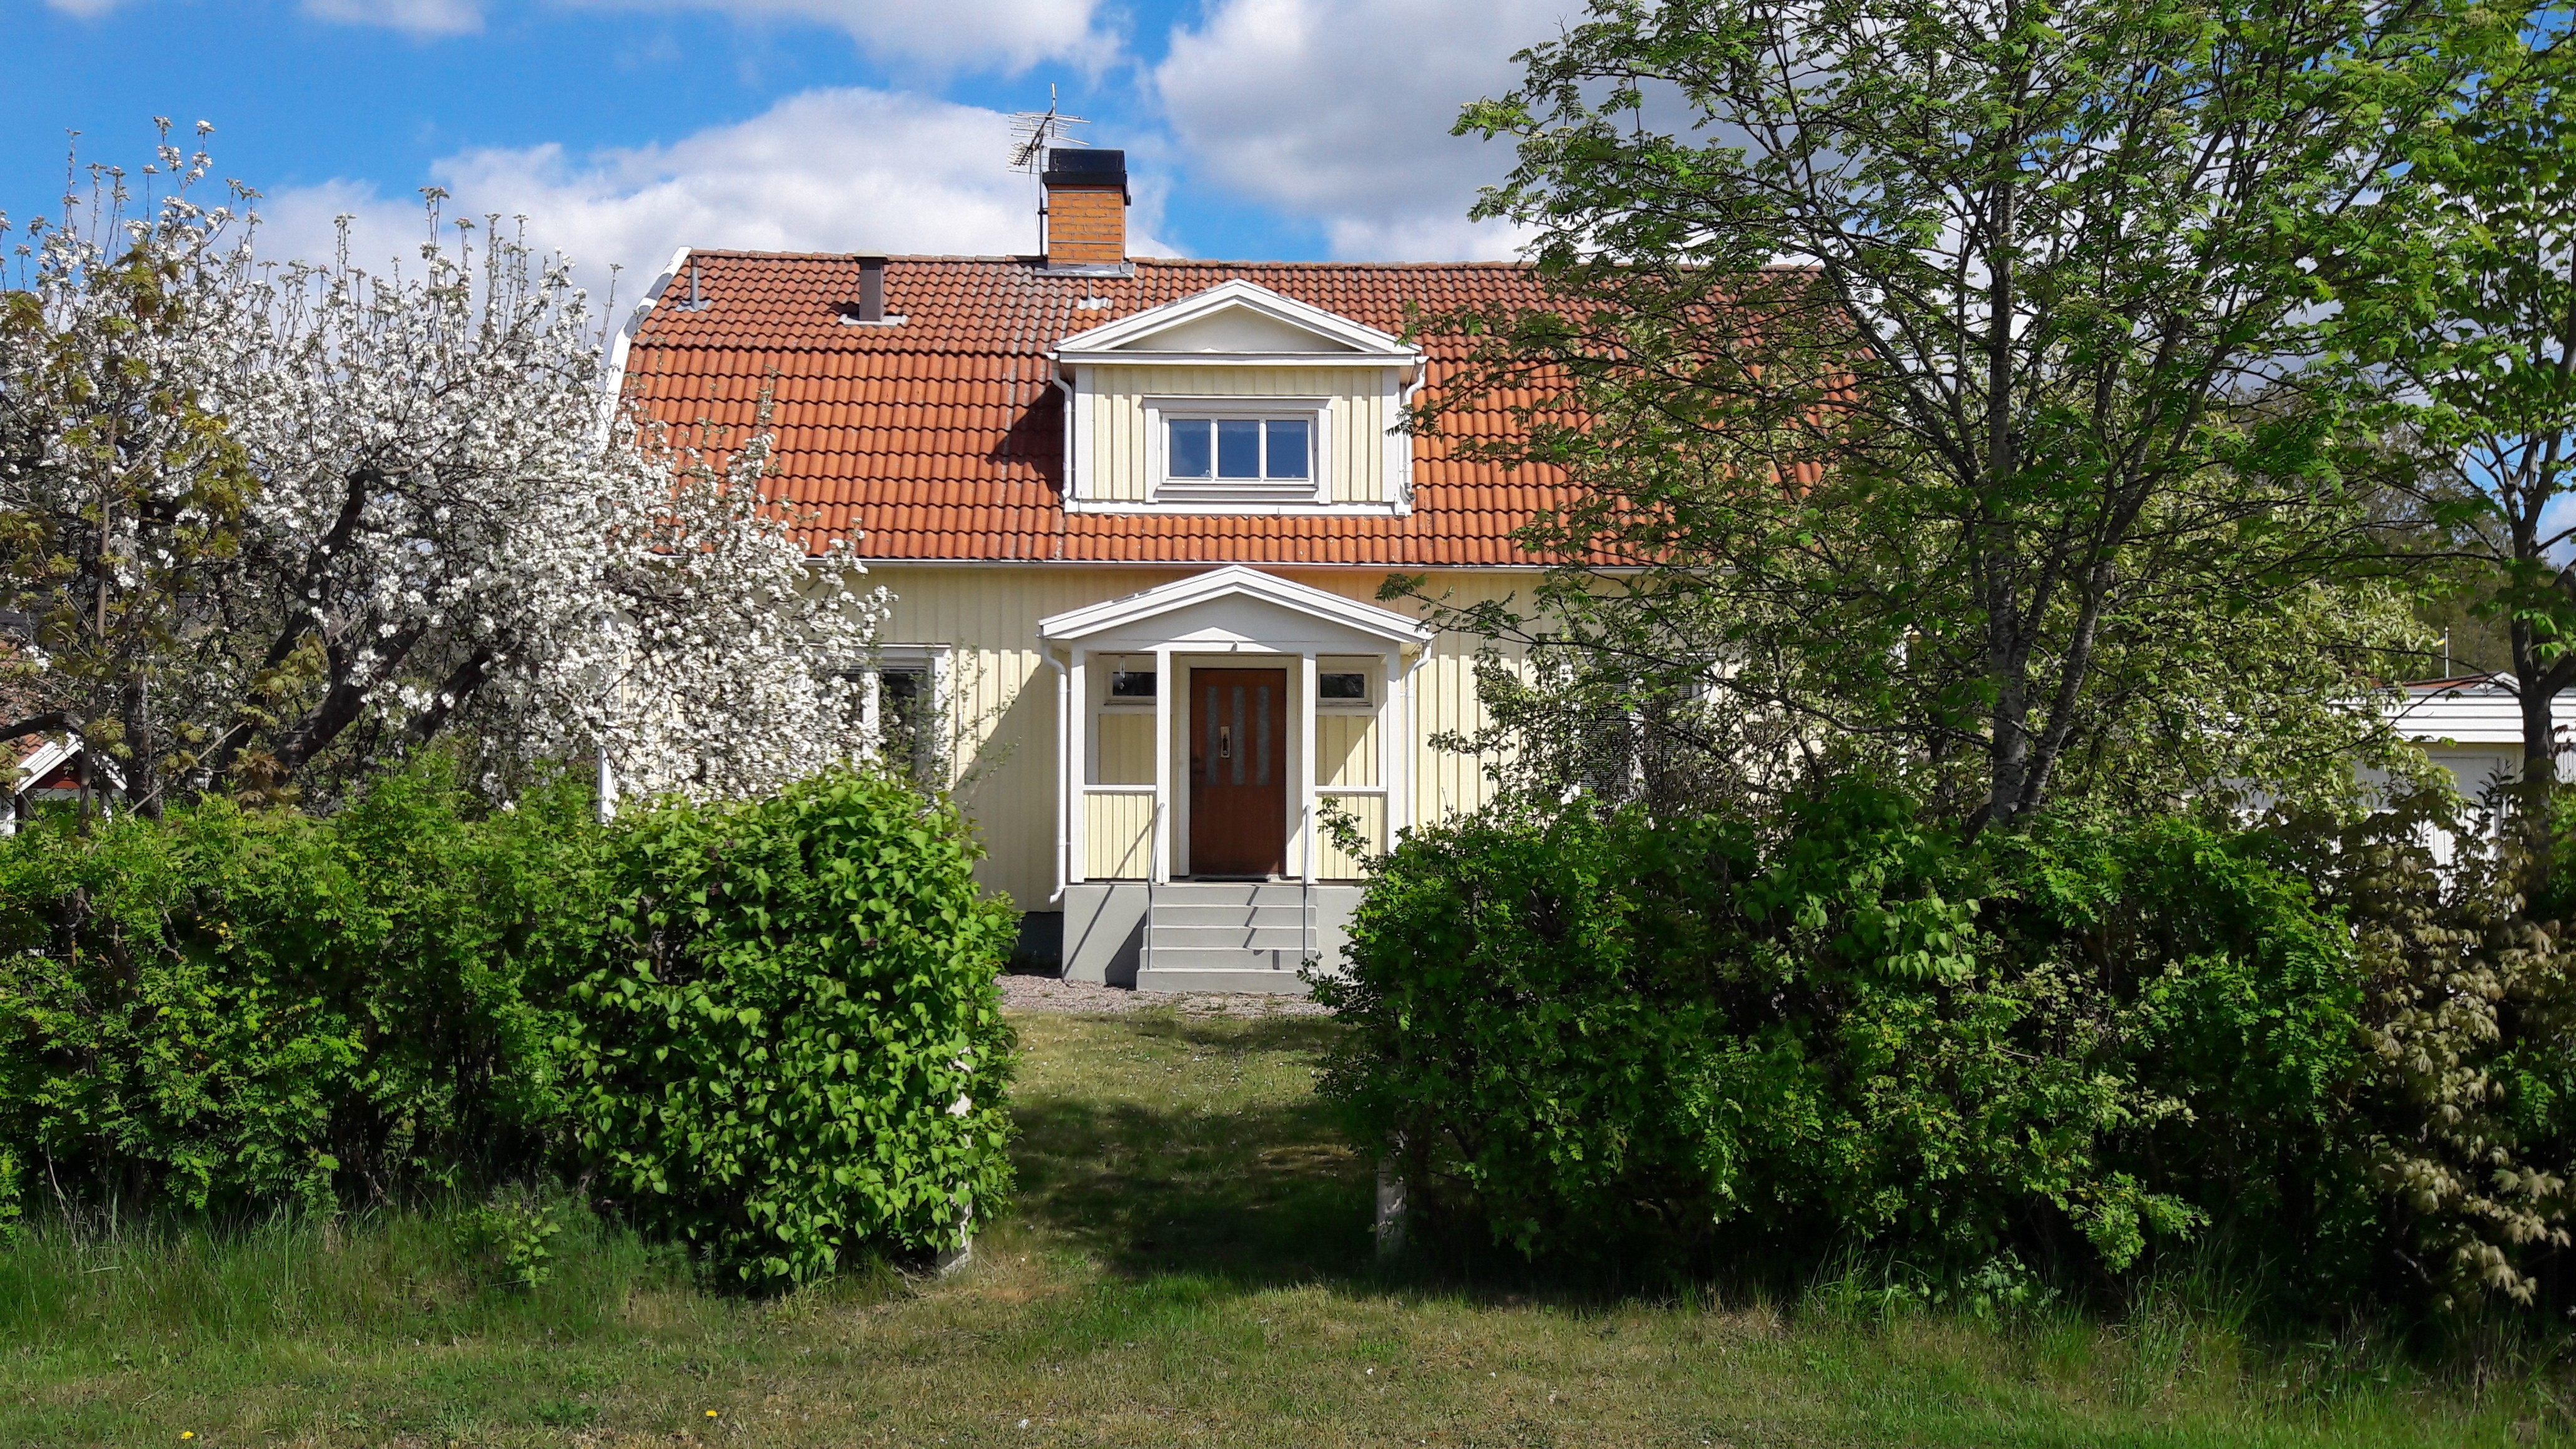 Välkommen på Flytt-Loppis hos Bengt och Marie på Porfyrv 14.